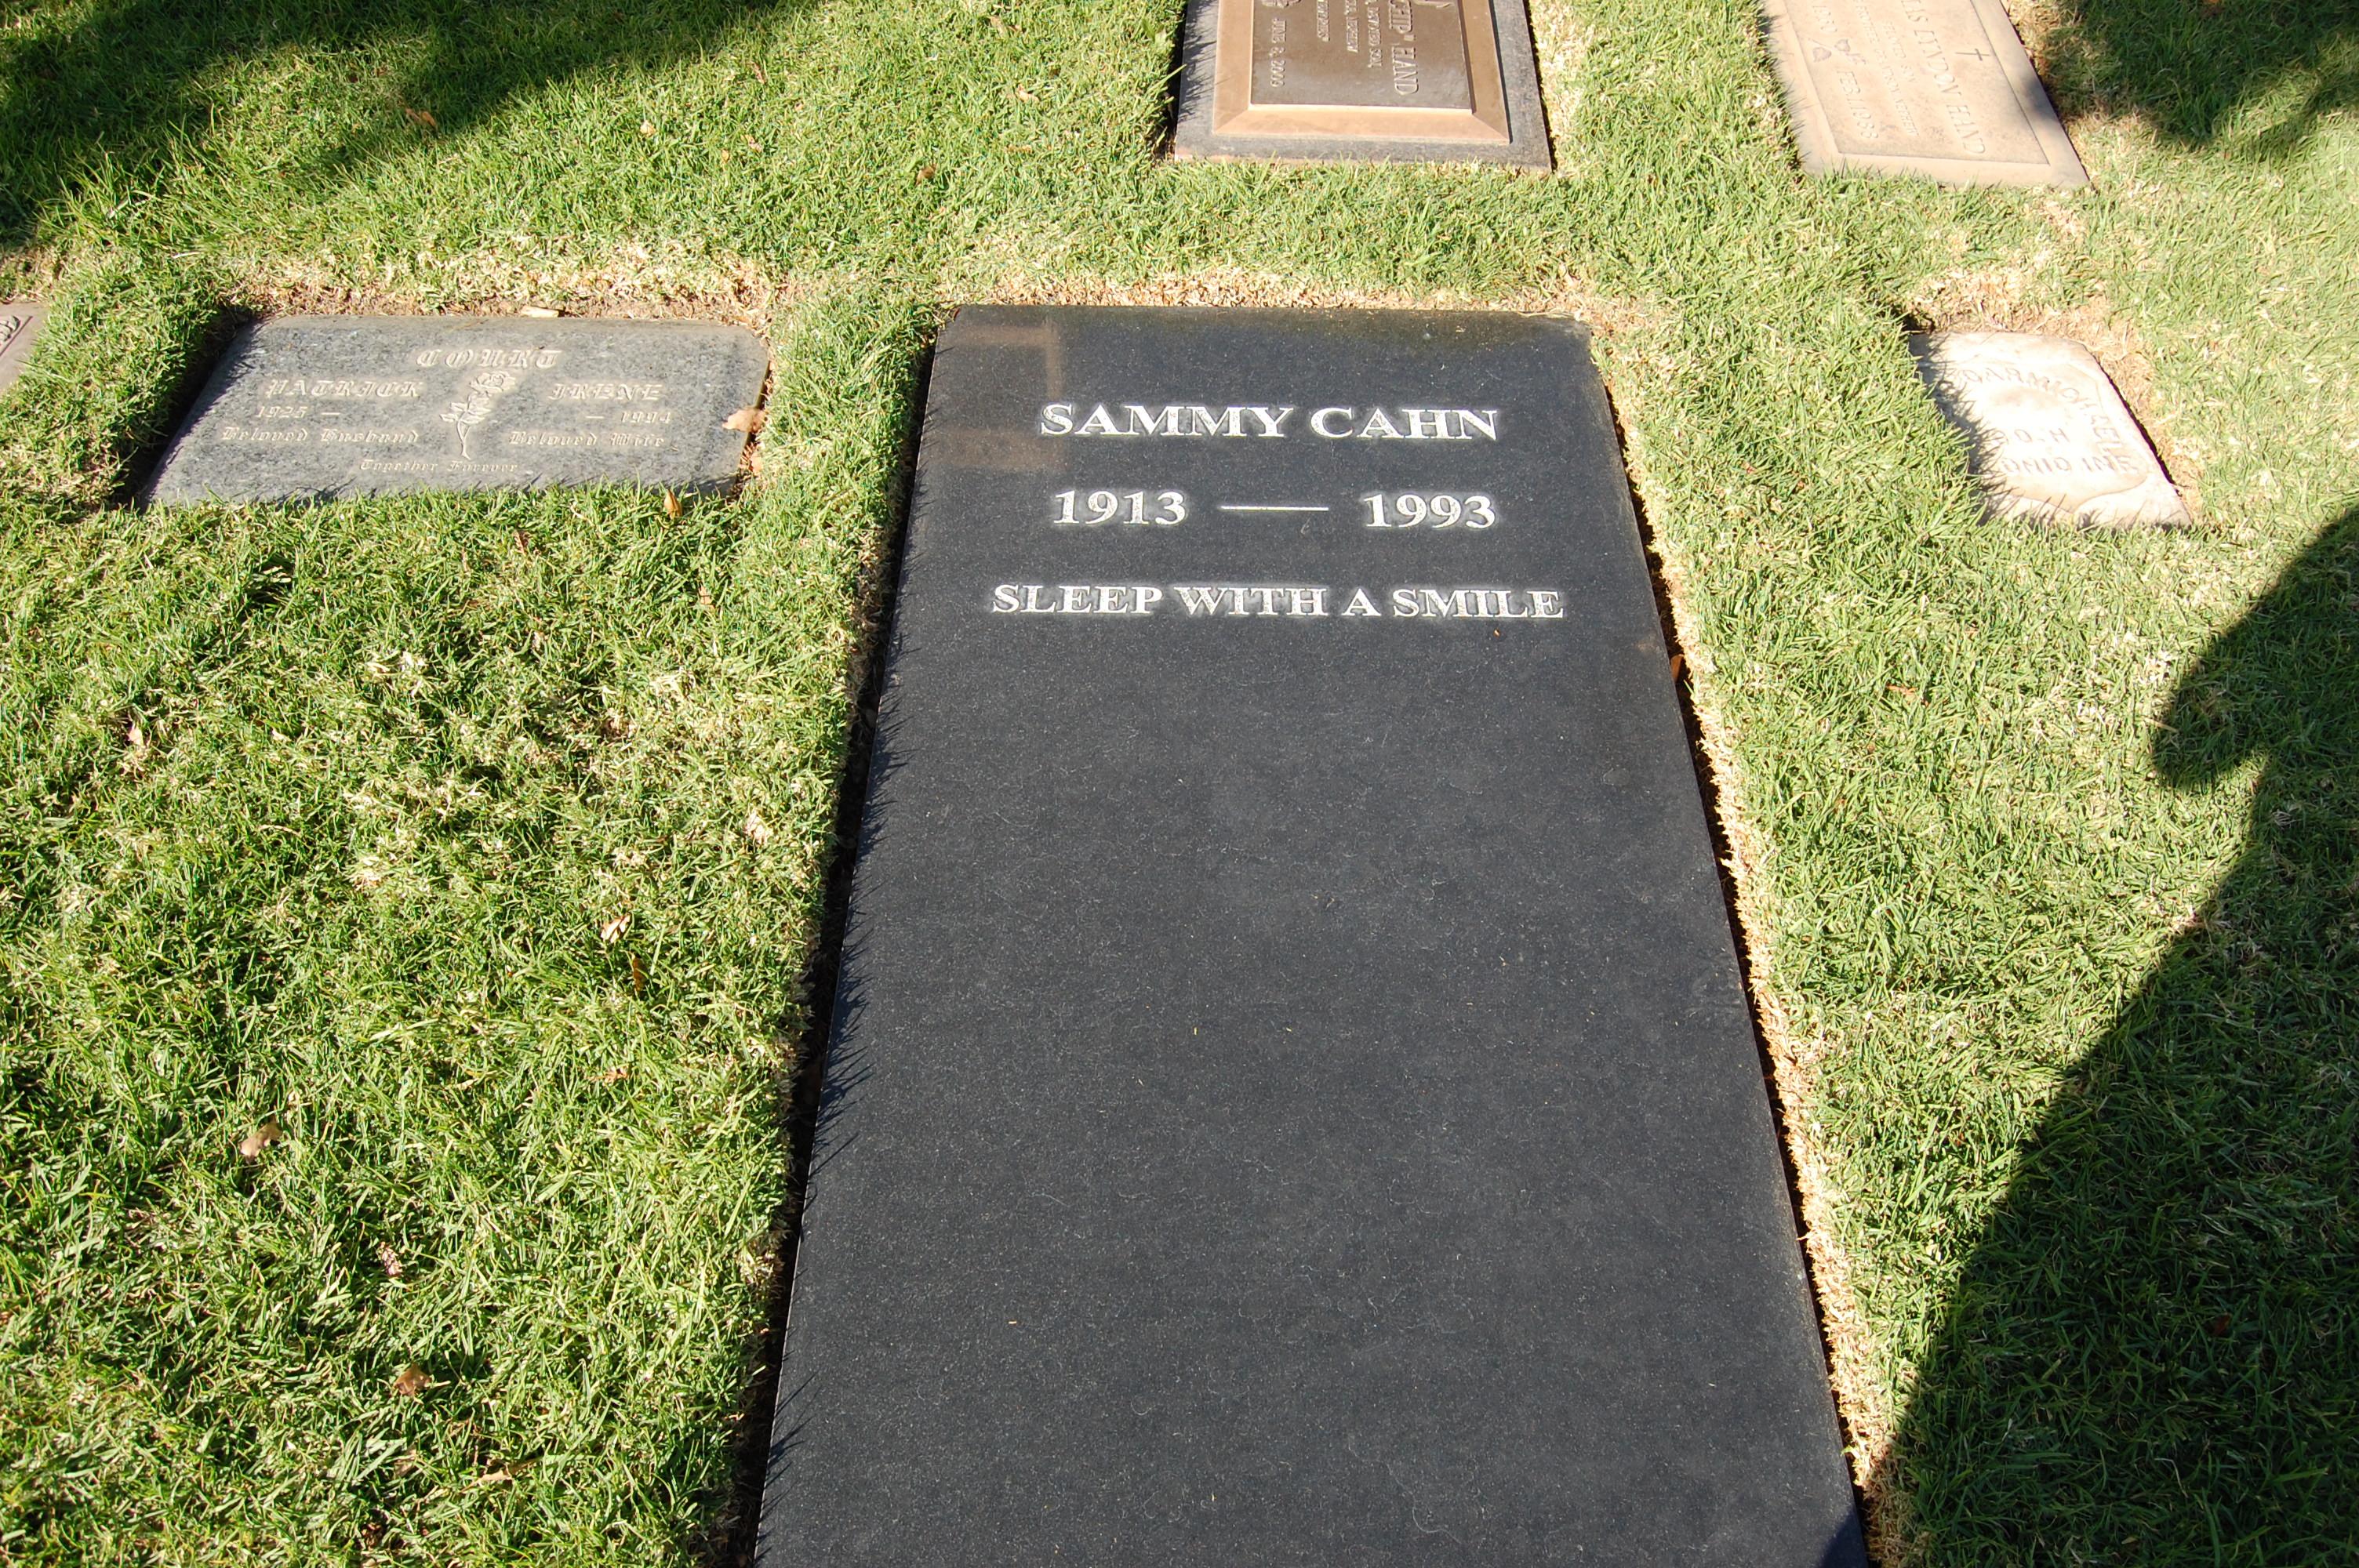 Sammy Cahn's quote #1